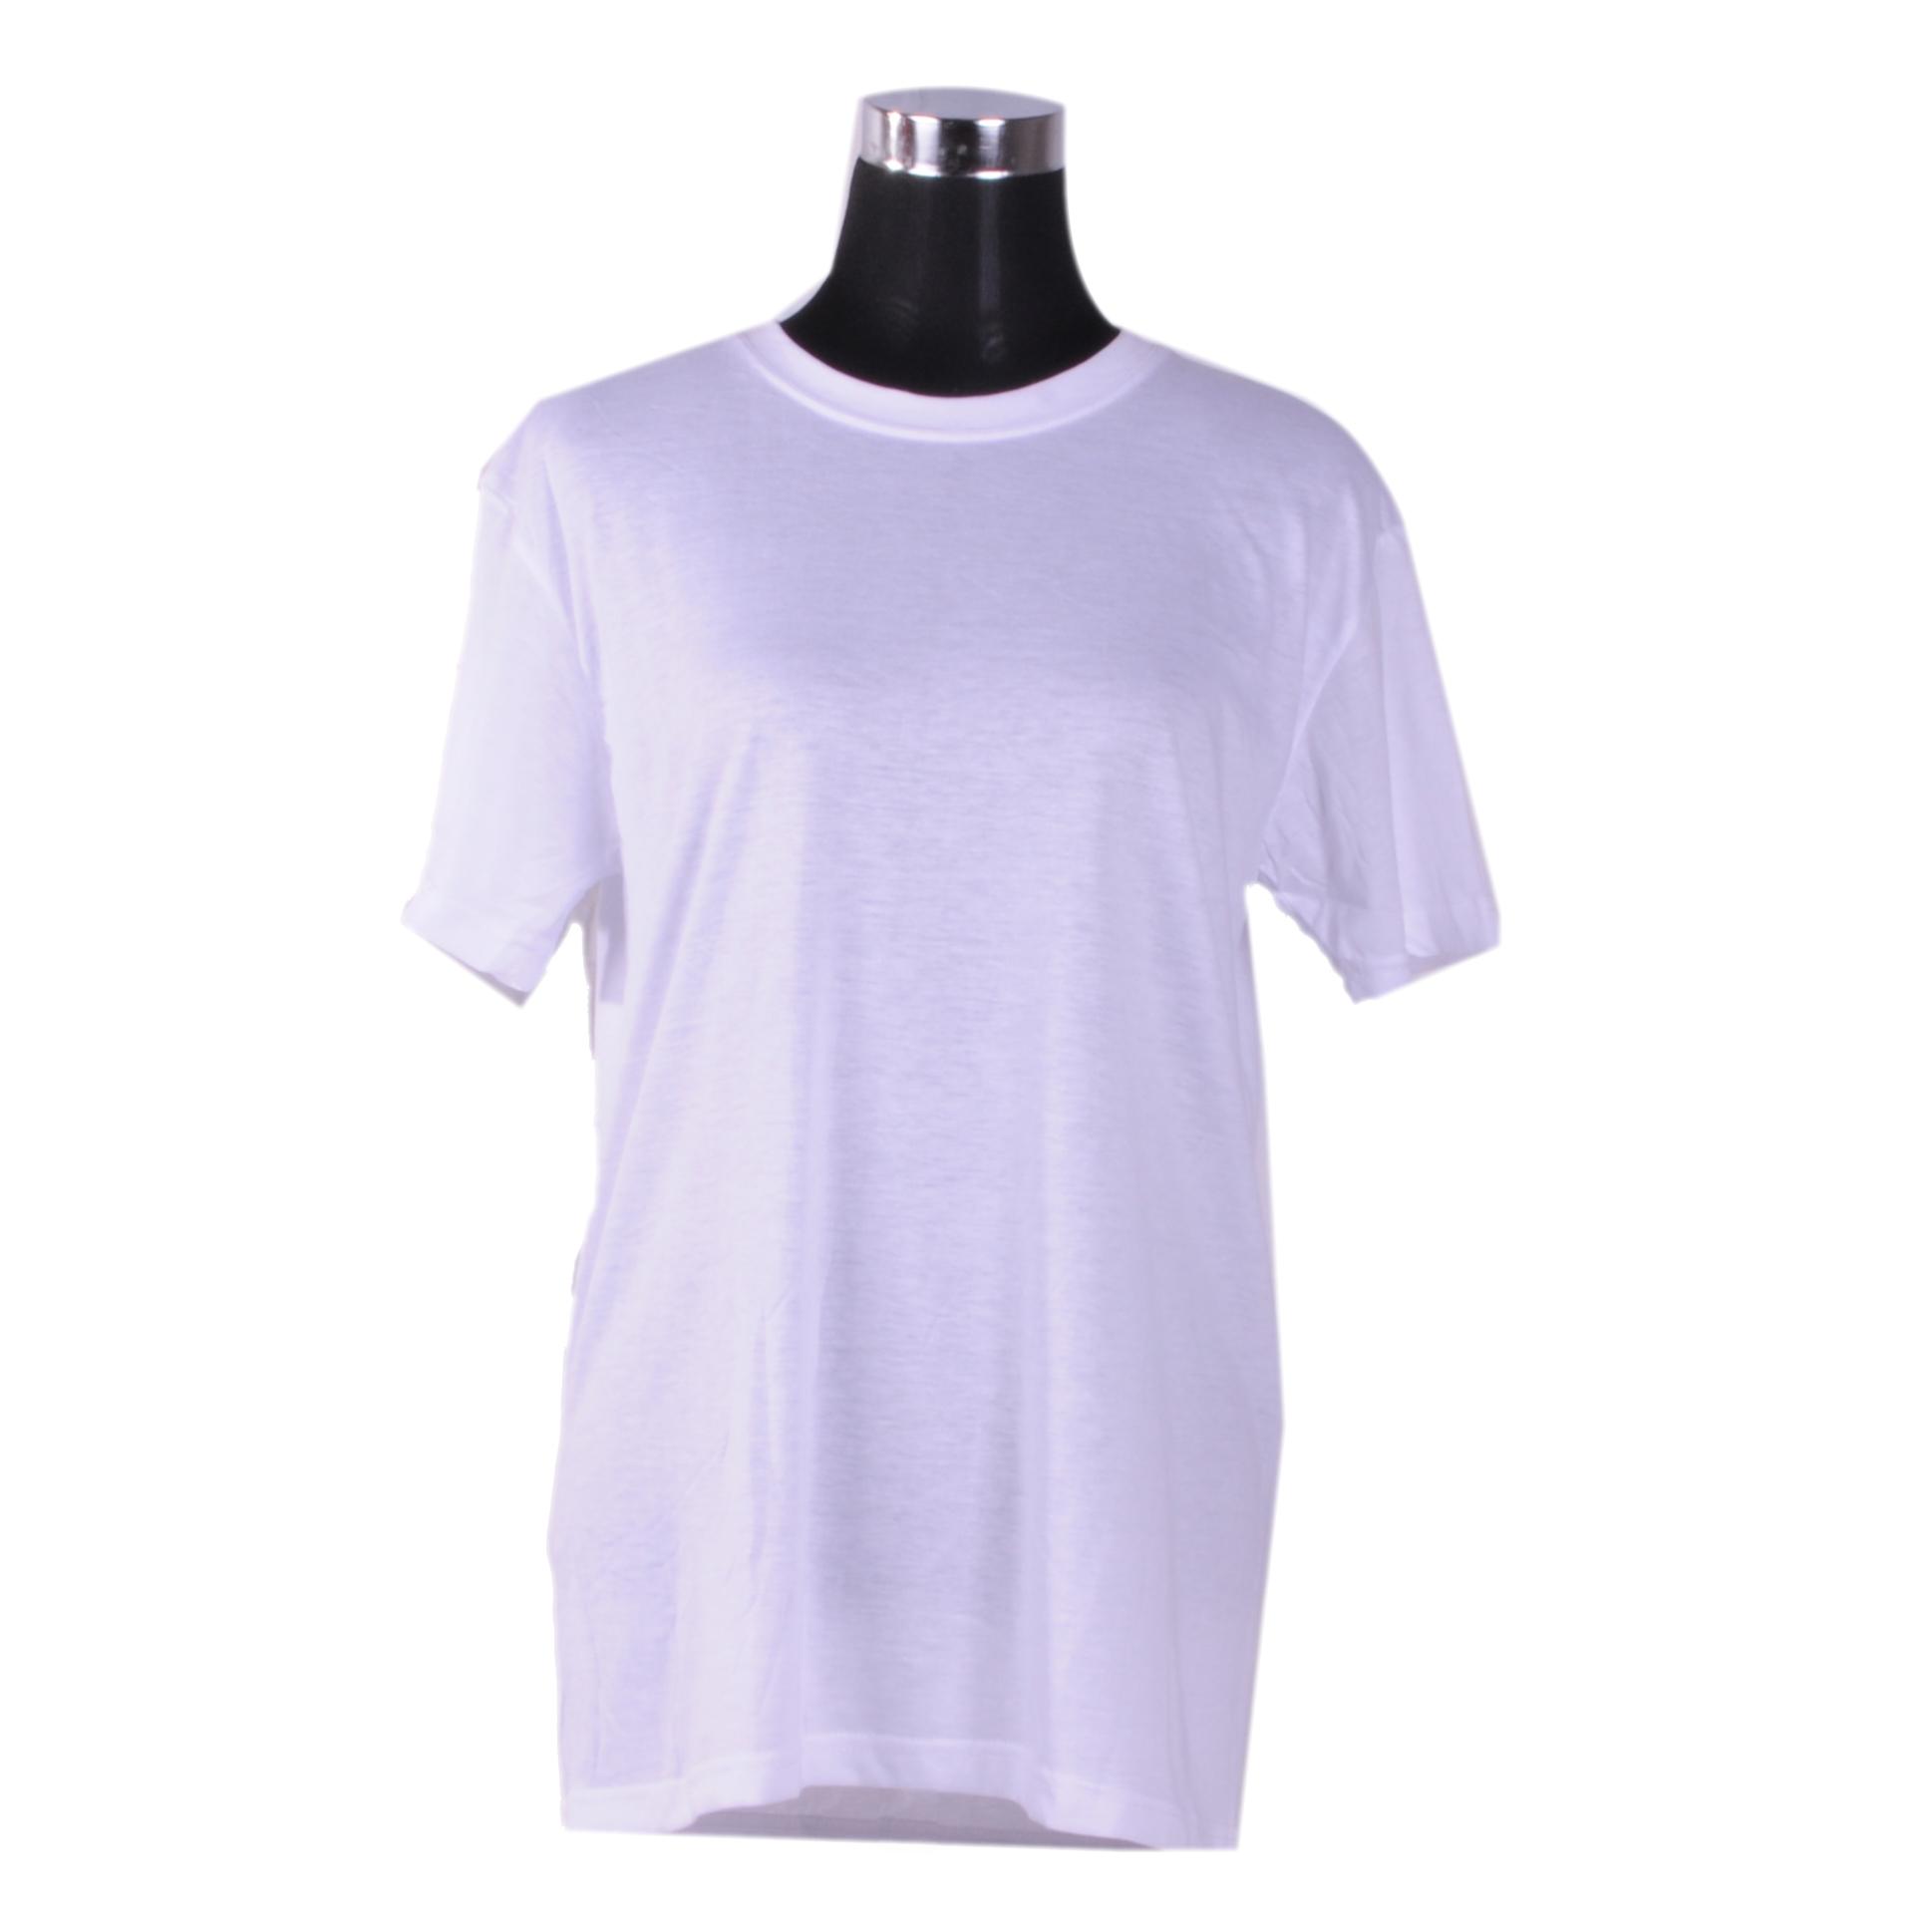 women 39 s regular t shirt sku tc1601147w bulkdeal